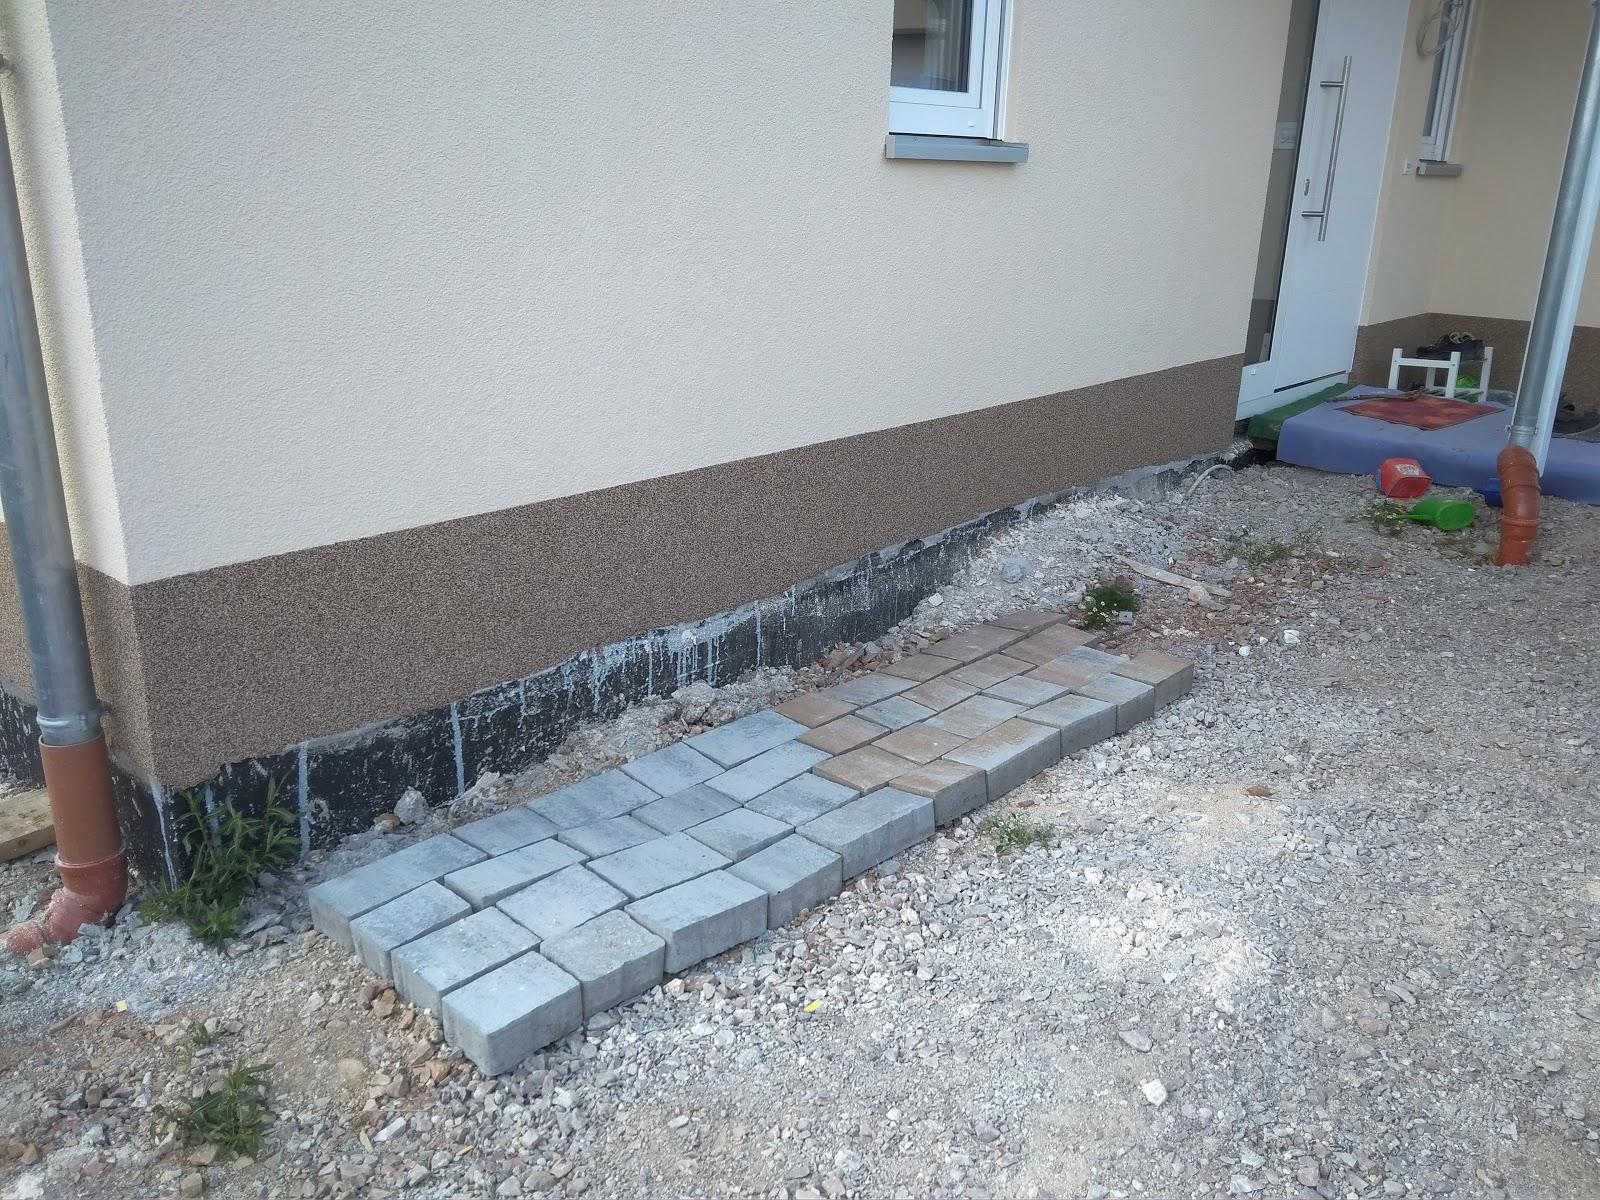 Estrich, Fußbodenheizung Und Anschlüsse   Hausbau Mit Czech Bau Gmbh